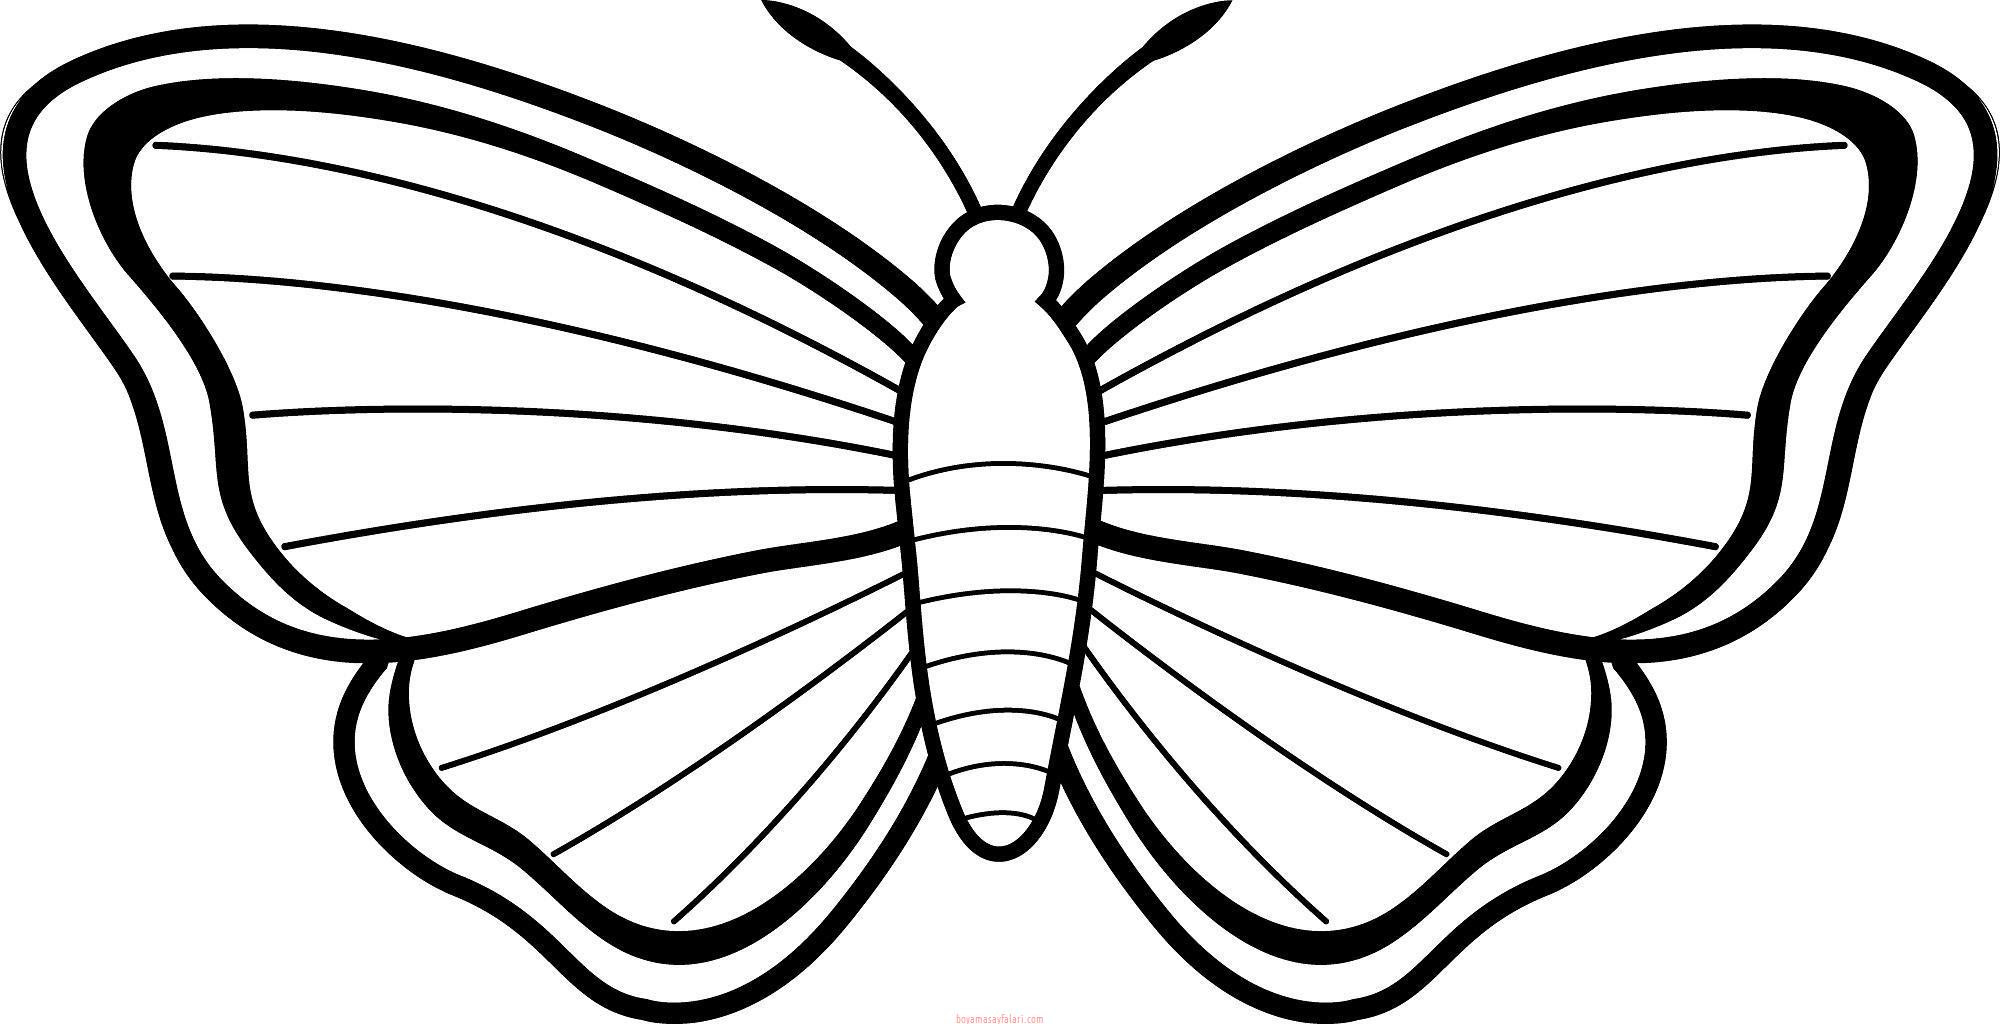 Kelebek Boyama Eğitimhane Sınıf öğretmenleri Için ücretsiz özgün